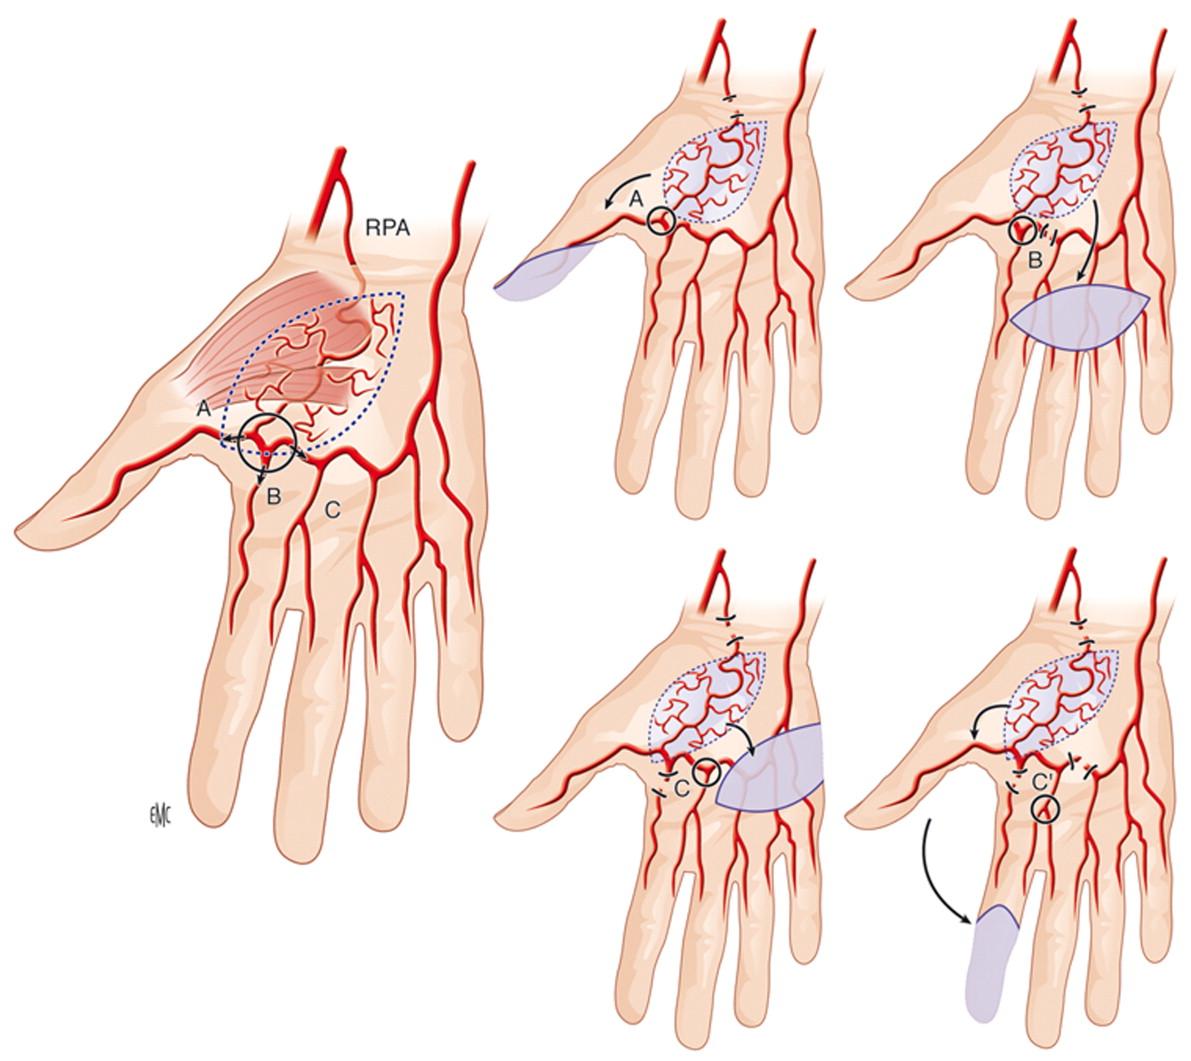 Cobertura cutánea de la mano y de los dedos - ScienceDirect